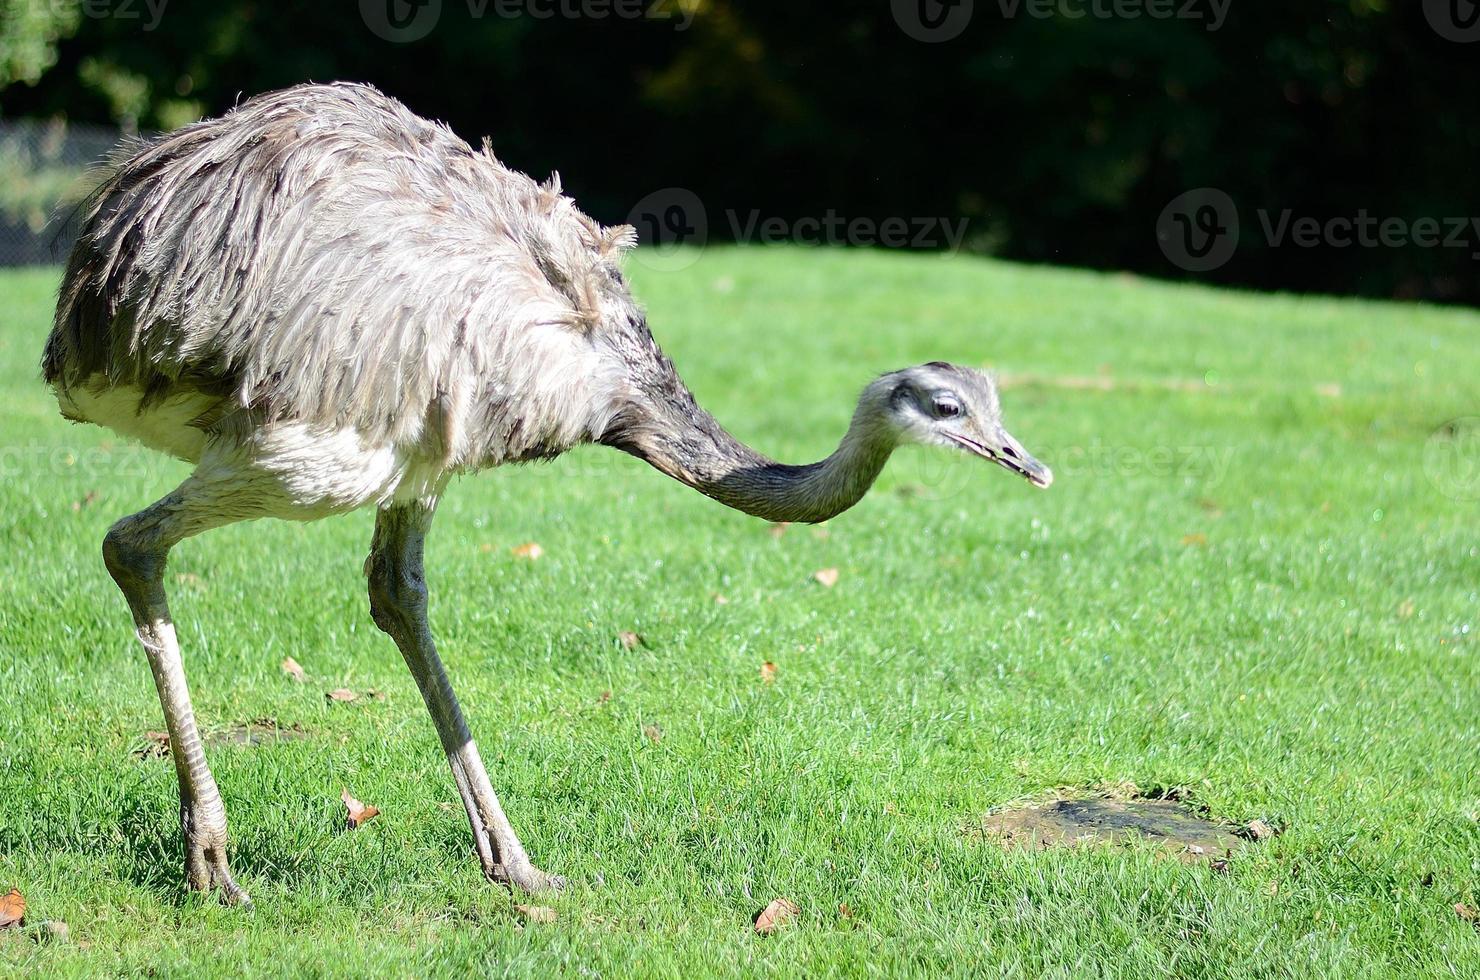 avestruz, strauß foto